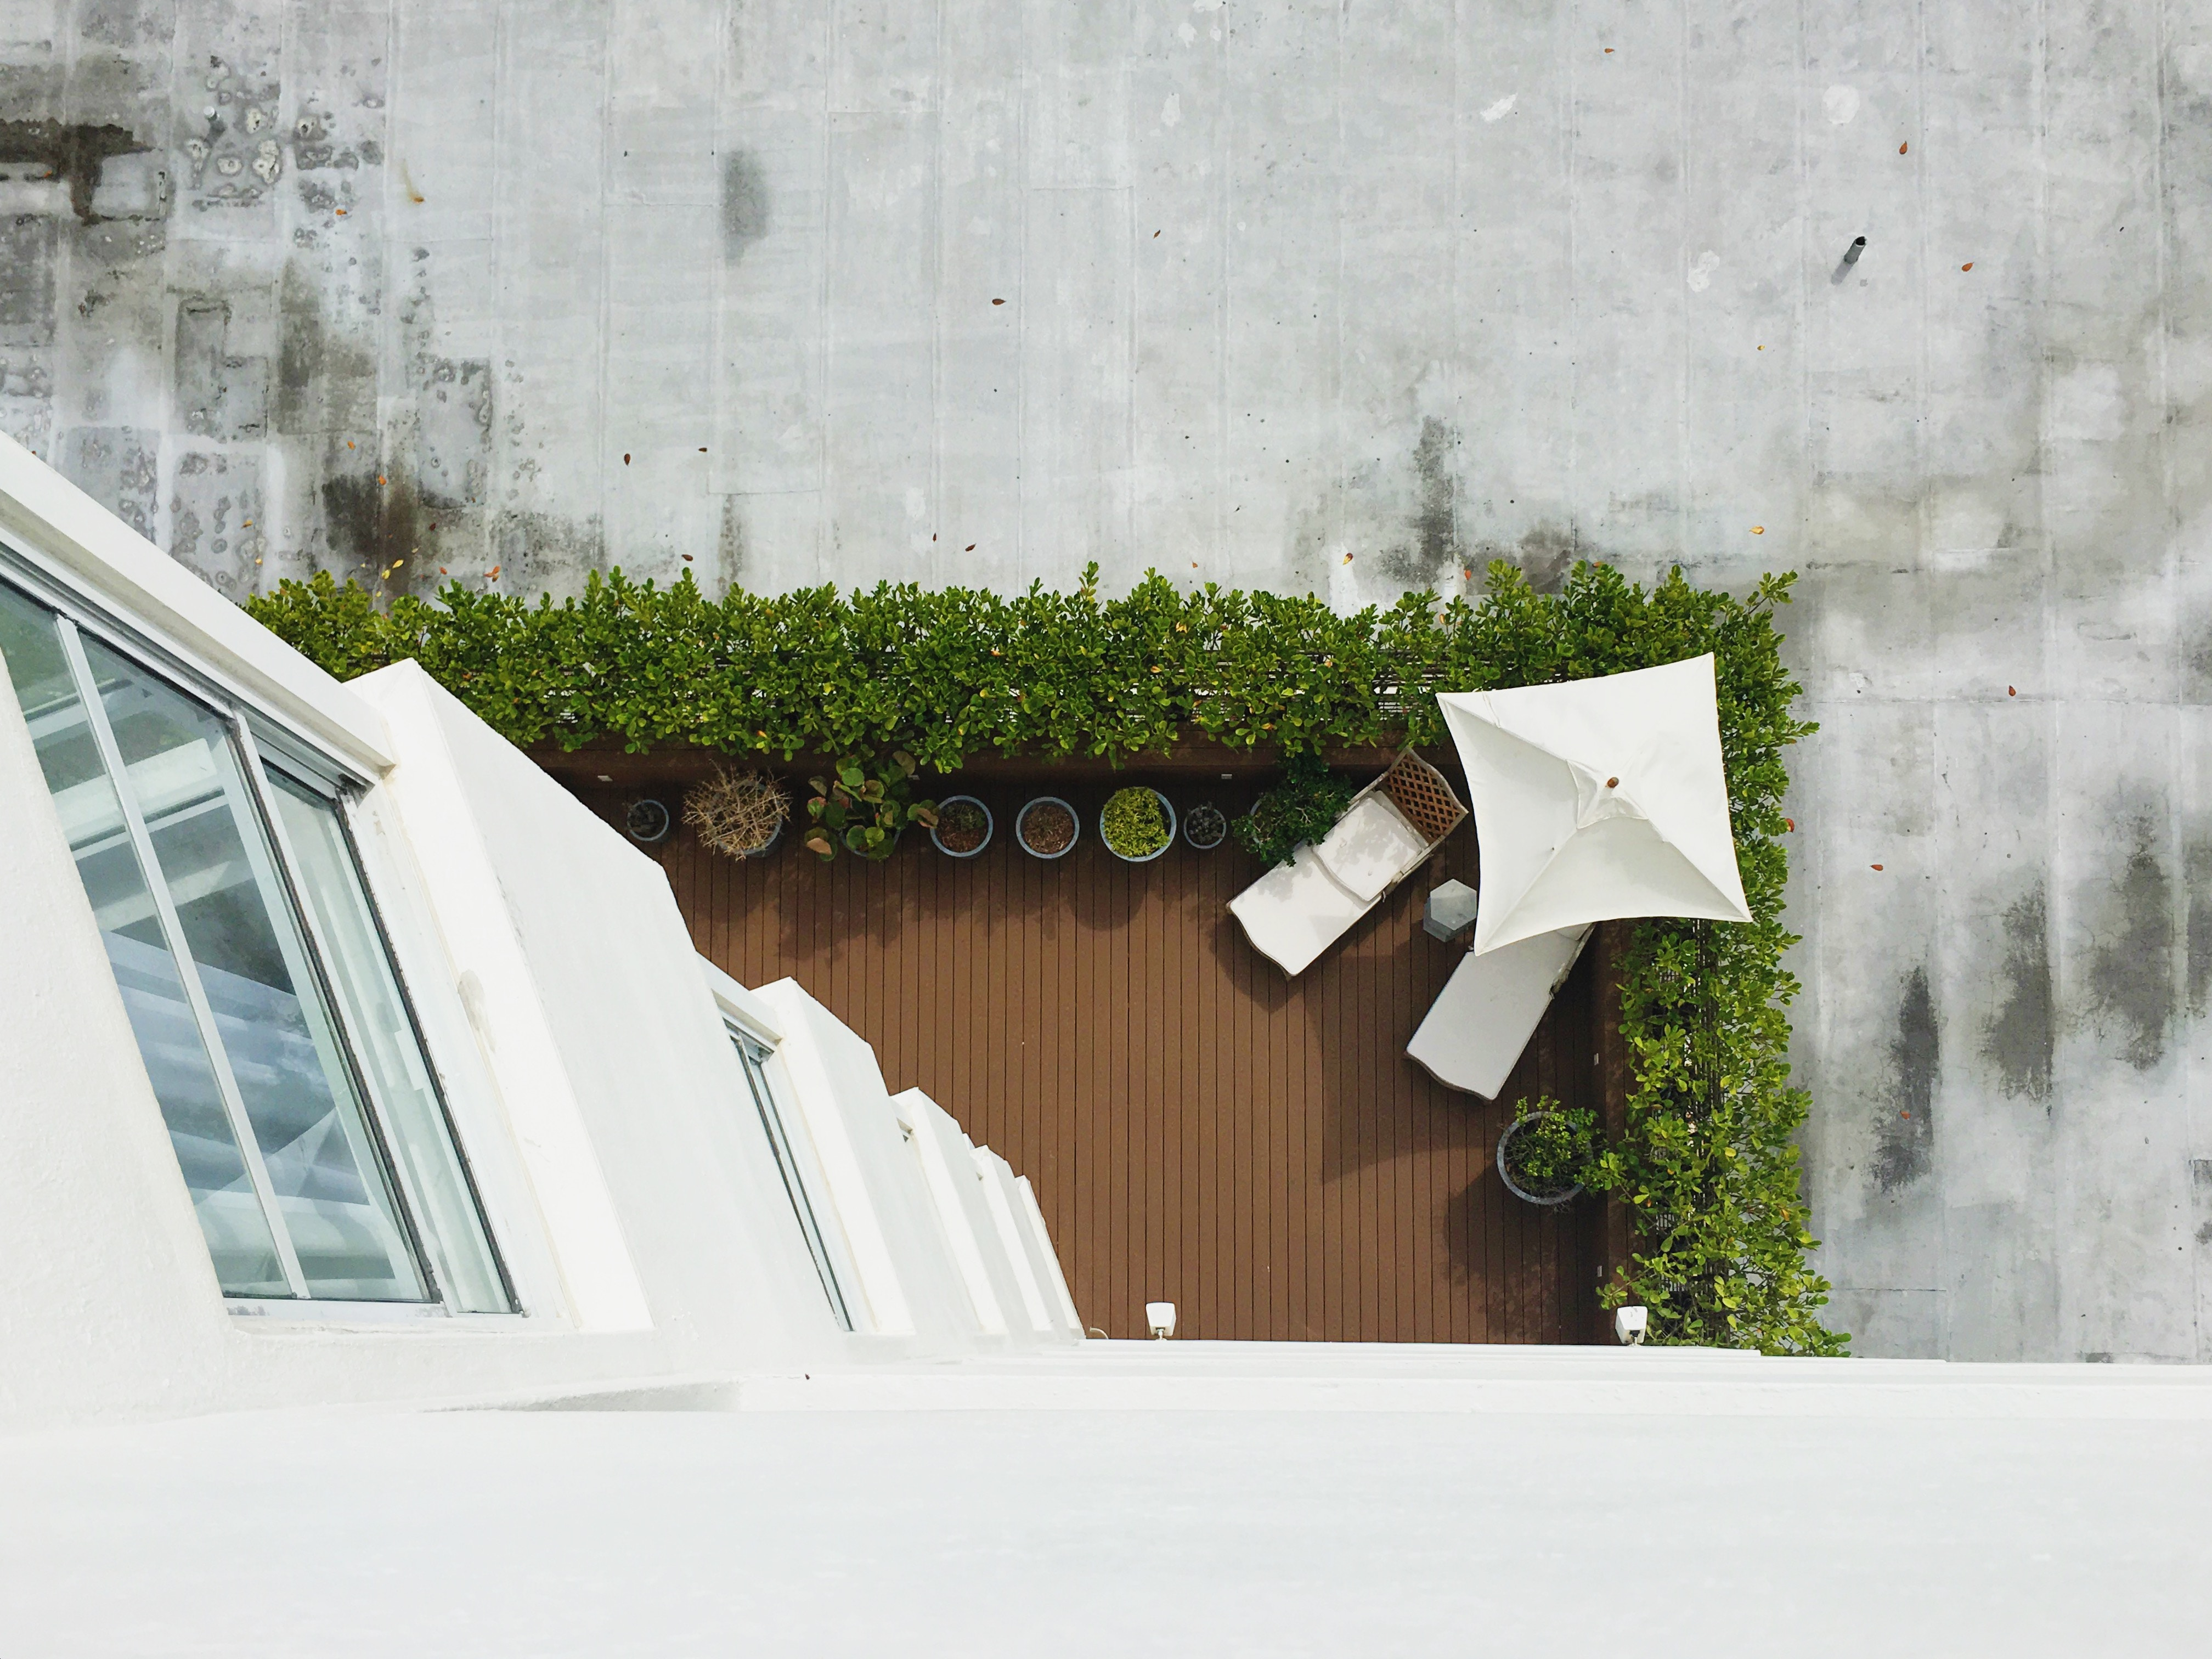 גרין דוג עיצוב גינות גג